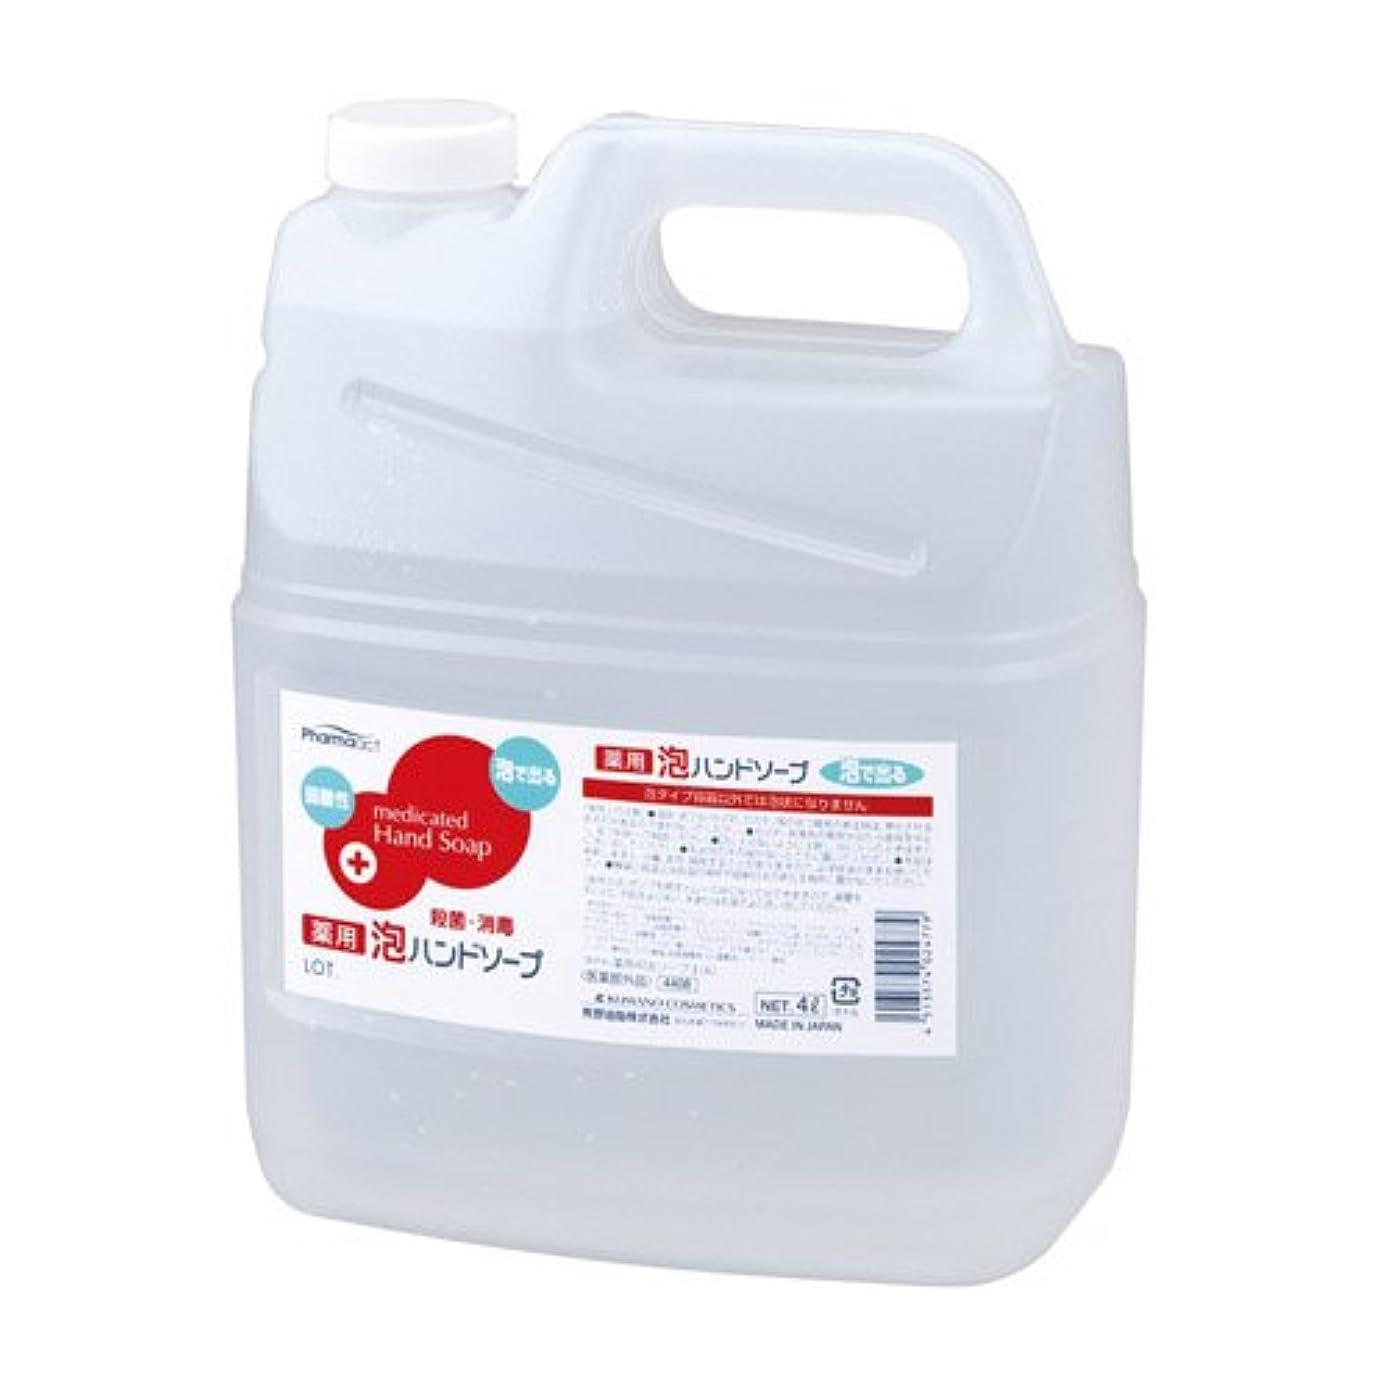 命題進むボランティアファーマアクト 薬用 泡ハンドソープ 業務用 4L 【医薬部外品】